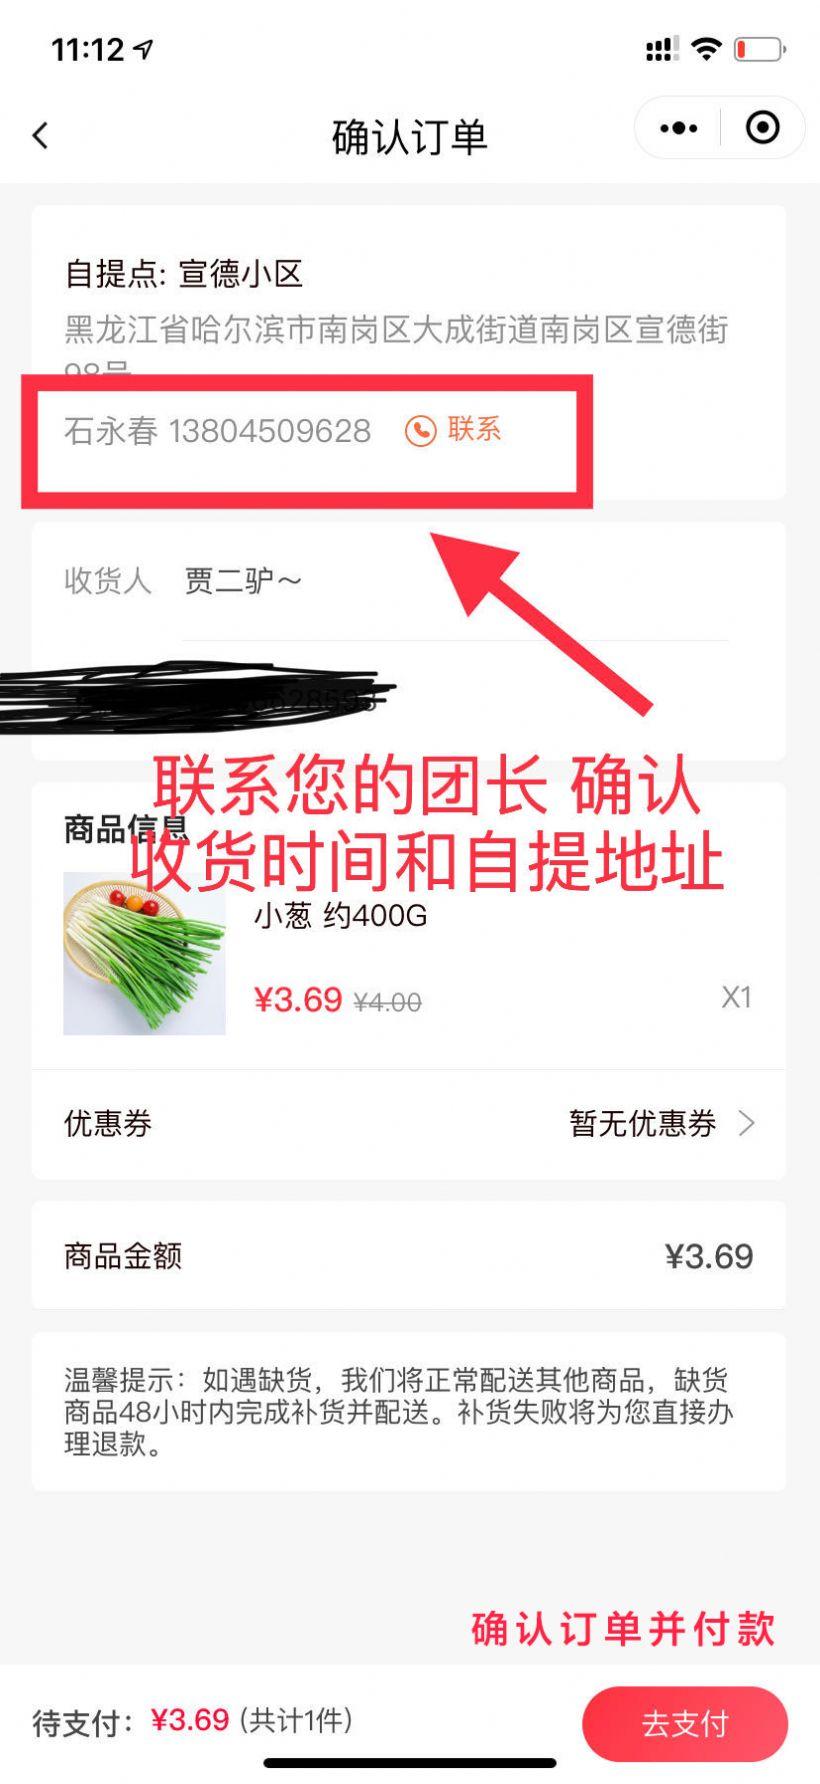 滴哩集市官网下载手机版图2: